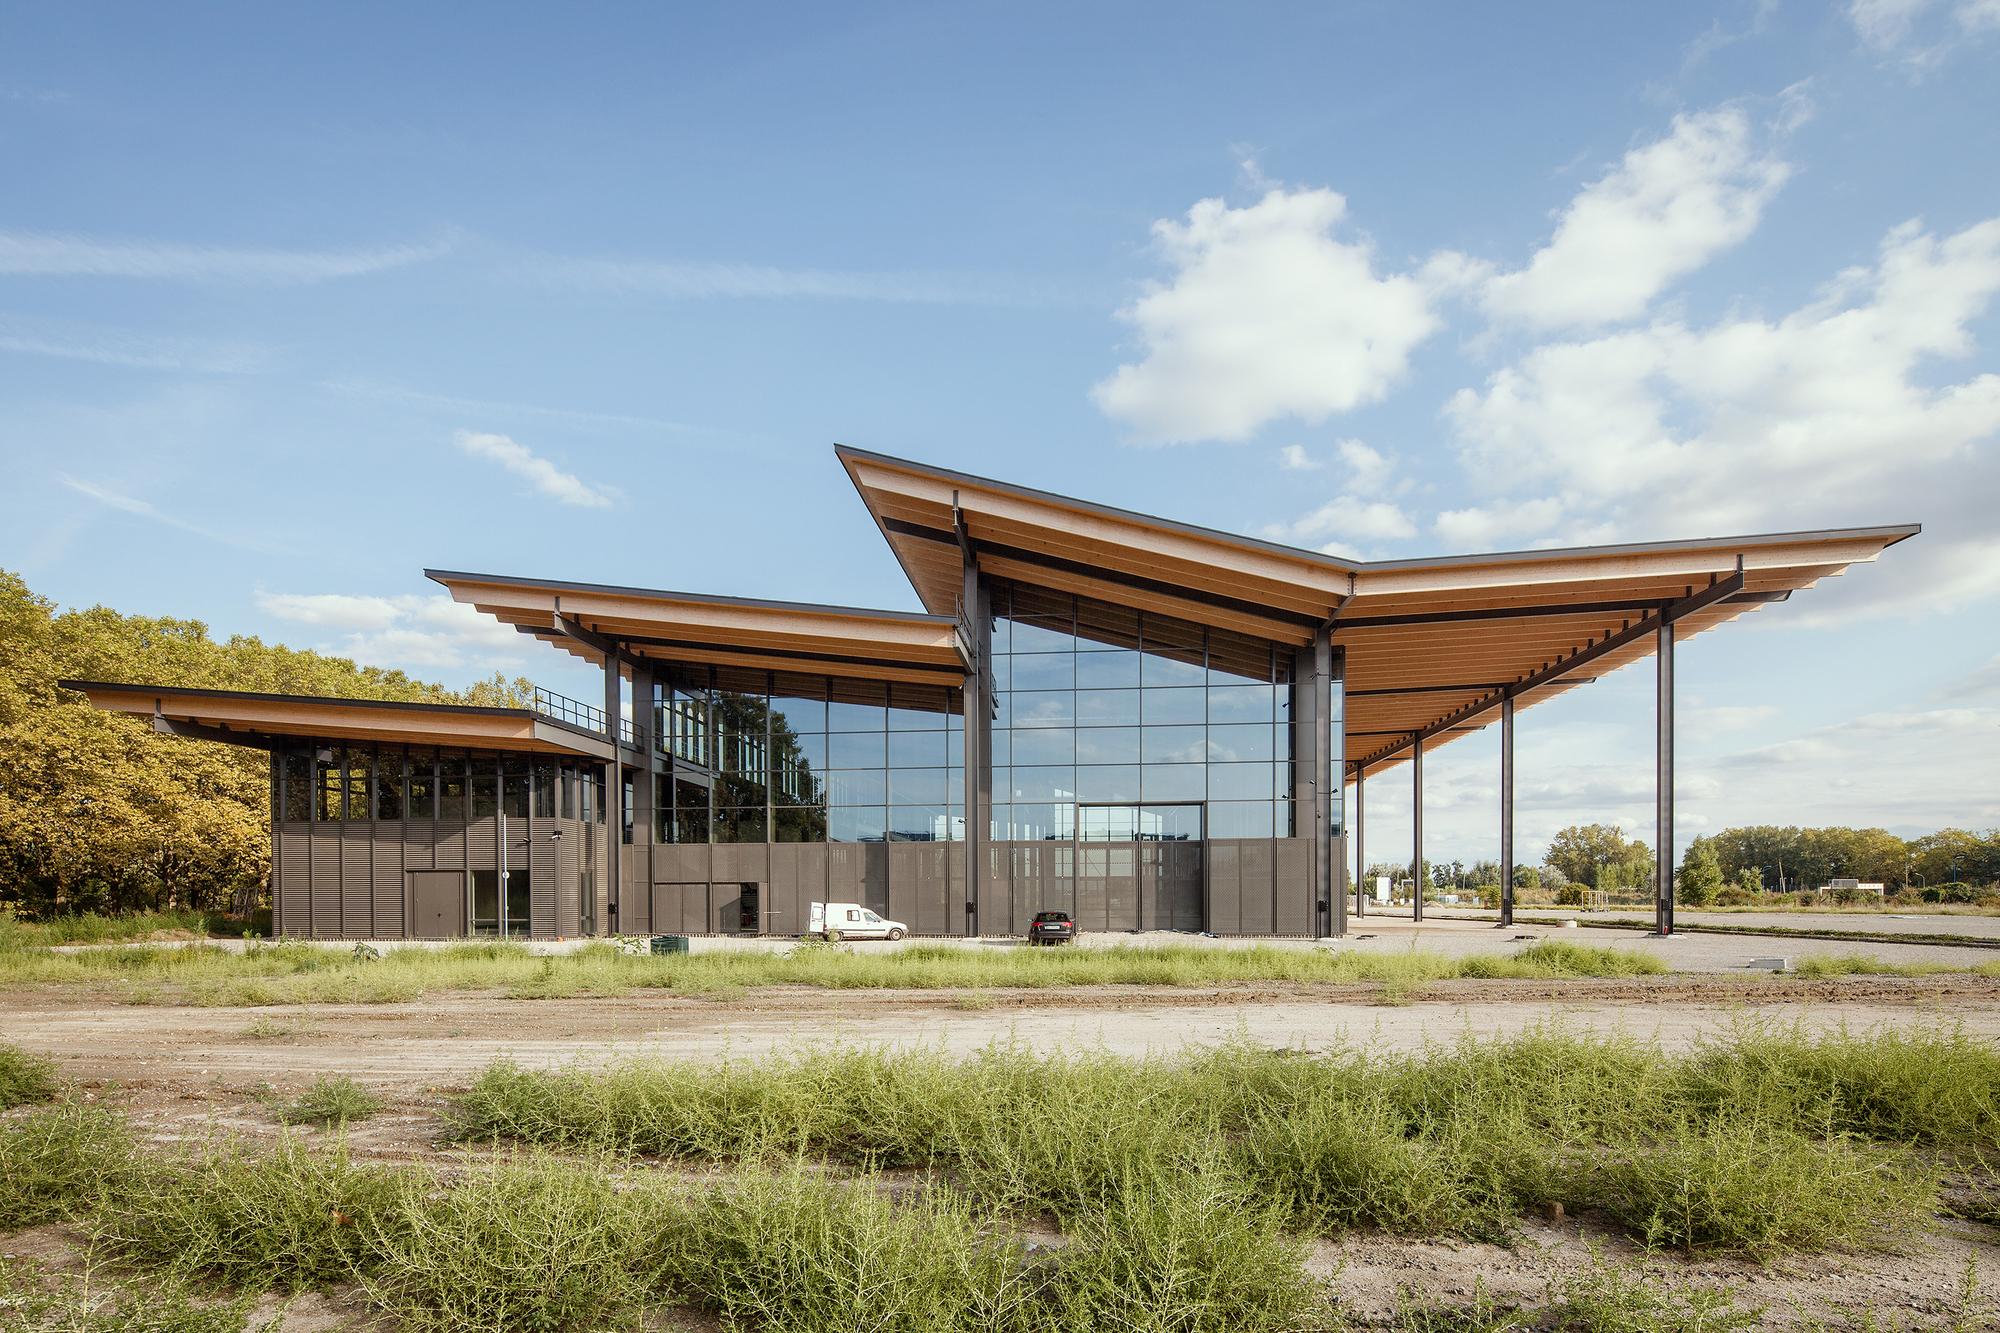 Halle du conservatoire des m caniques patrick arotcharen for Architecte batiment de france toulouse